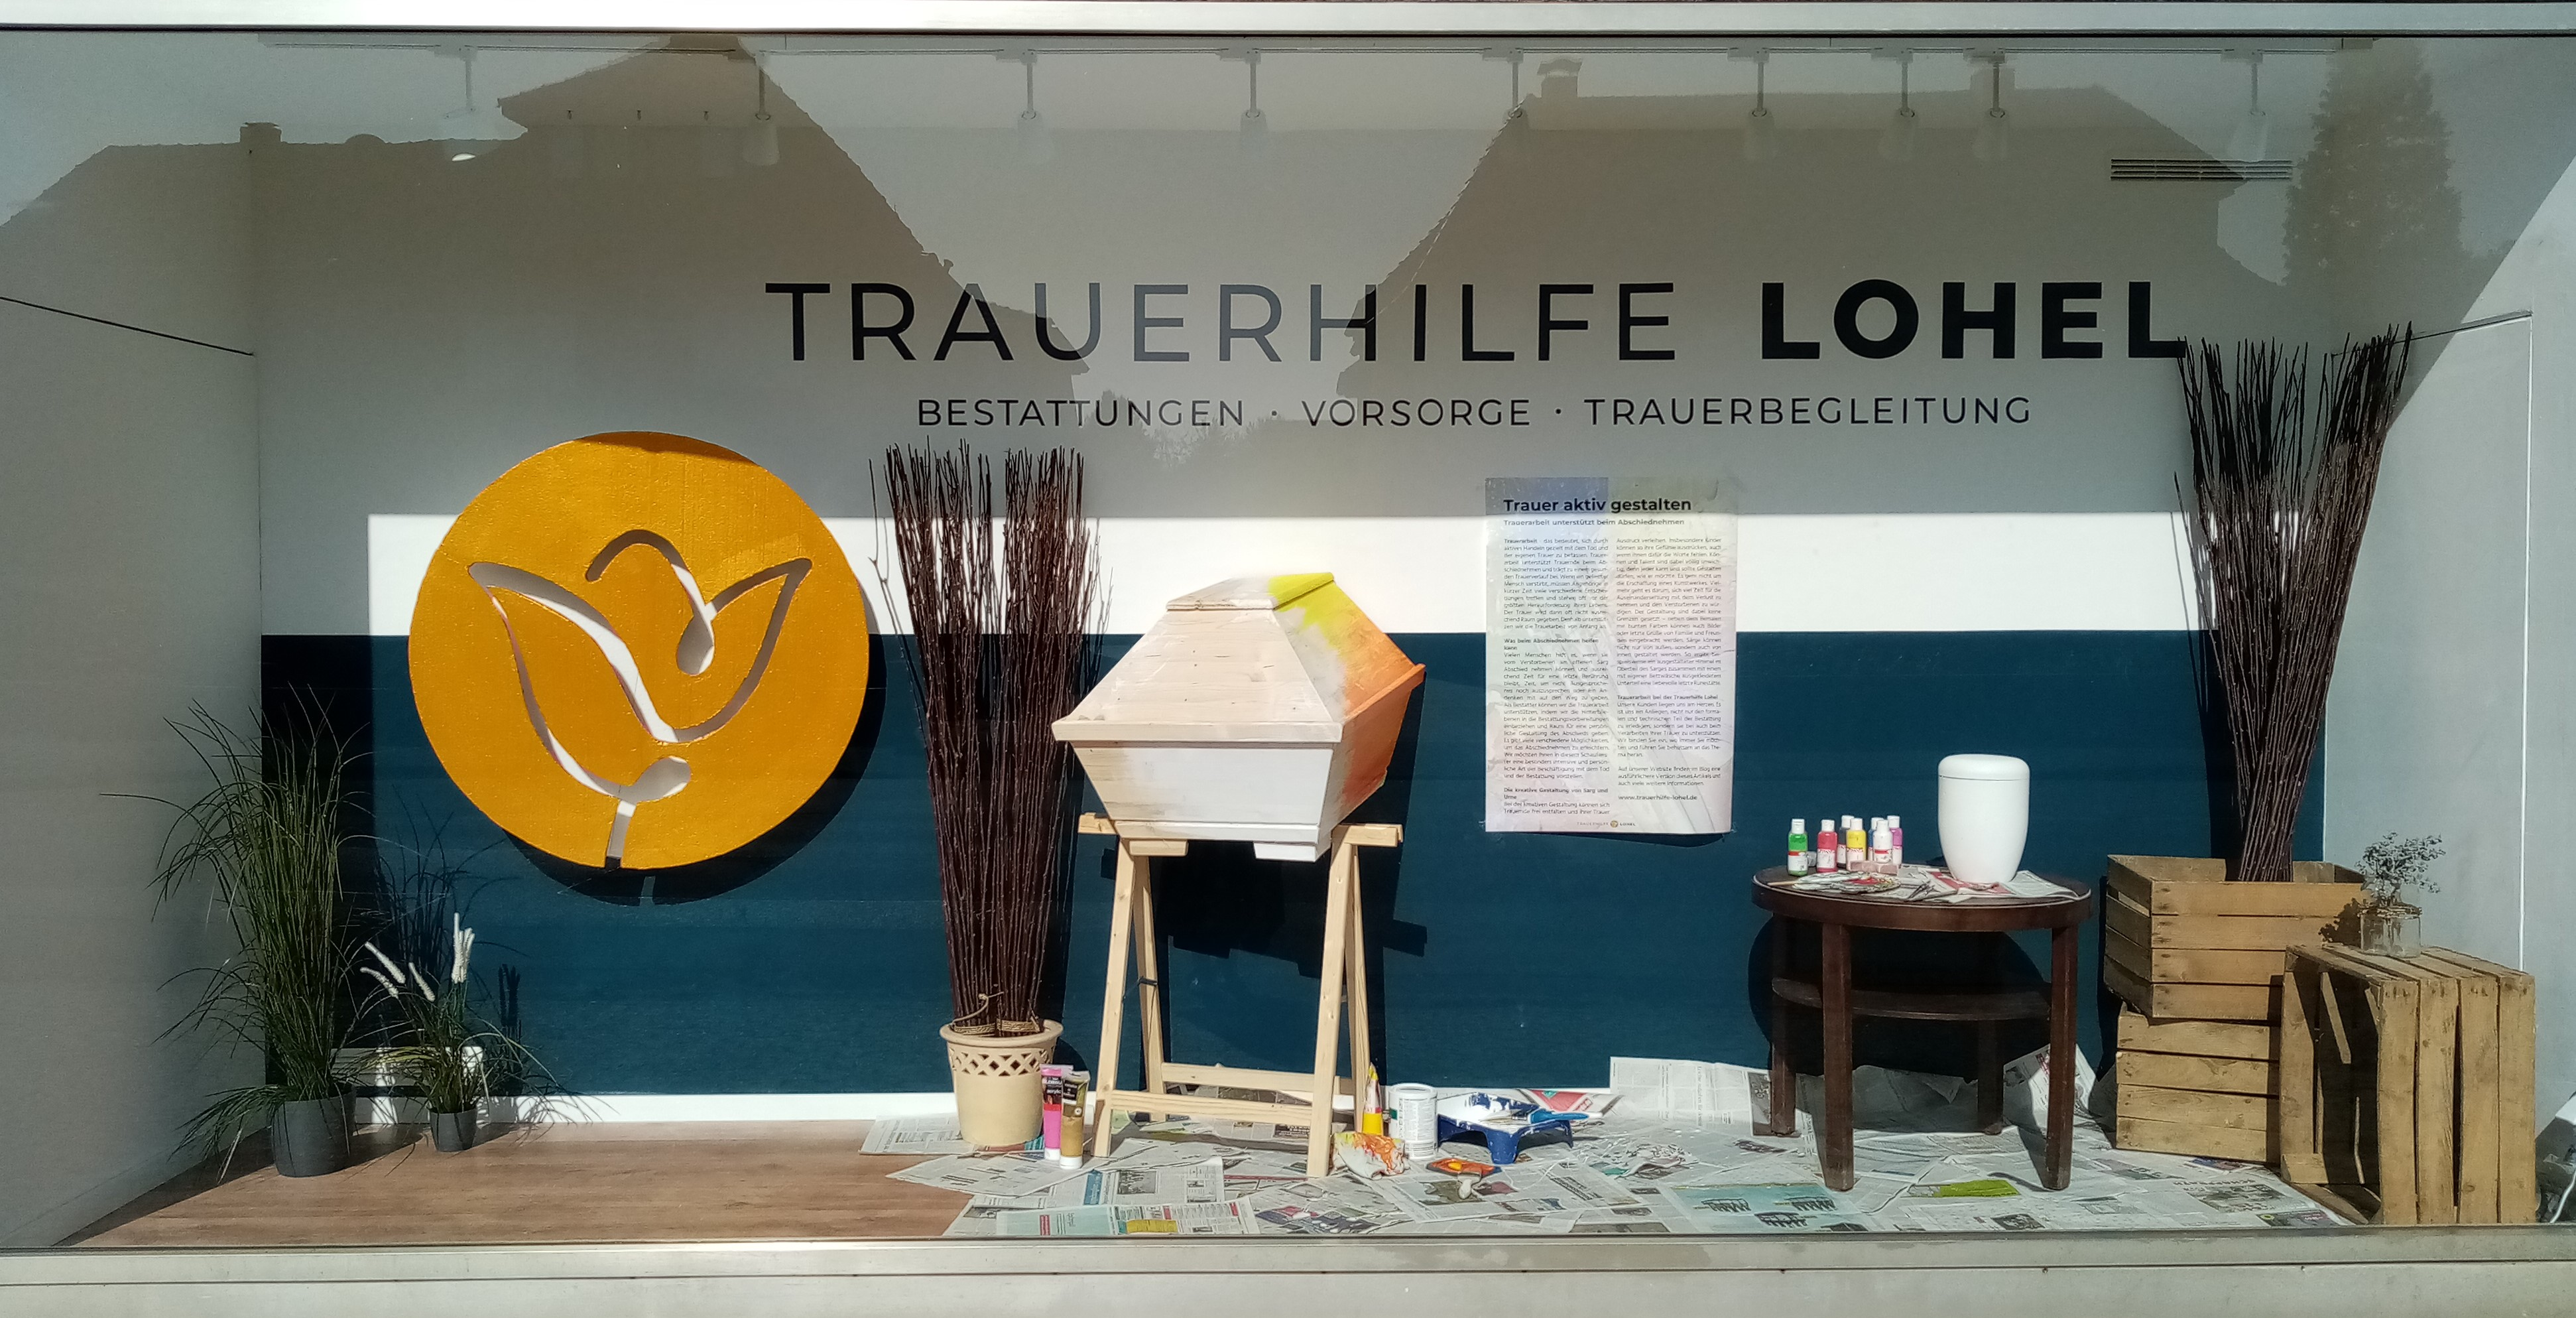 Das Schaufenster der Trauerhilfe Lohel in Xanten zum Thema Trauerarbeit. Ausgestellt sind Sarg und Urne zur freien Gestaltung mit Malutensilien.